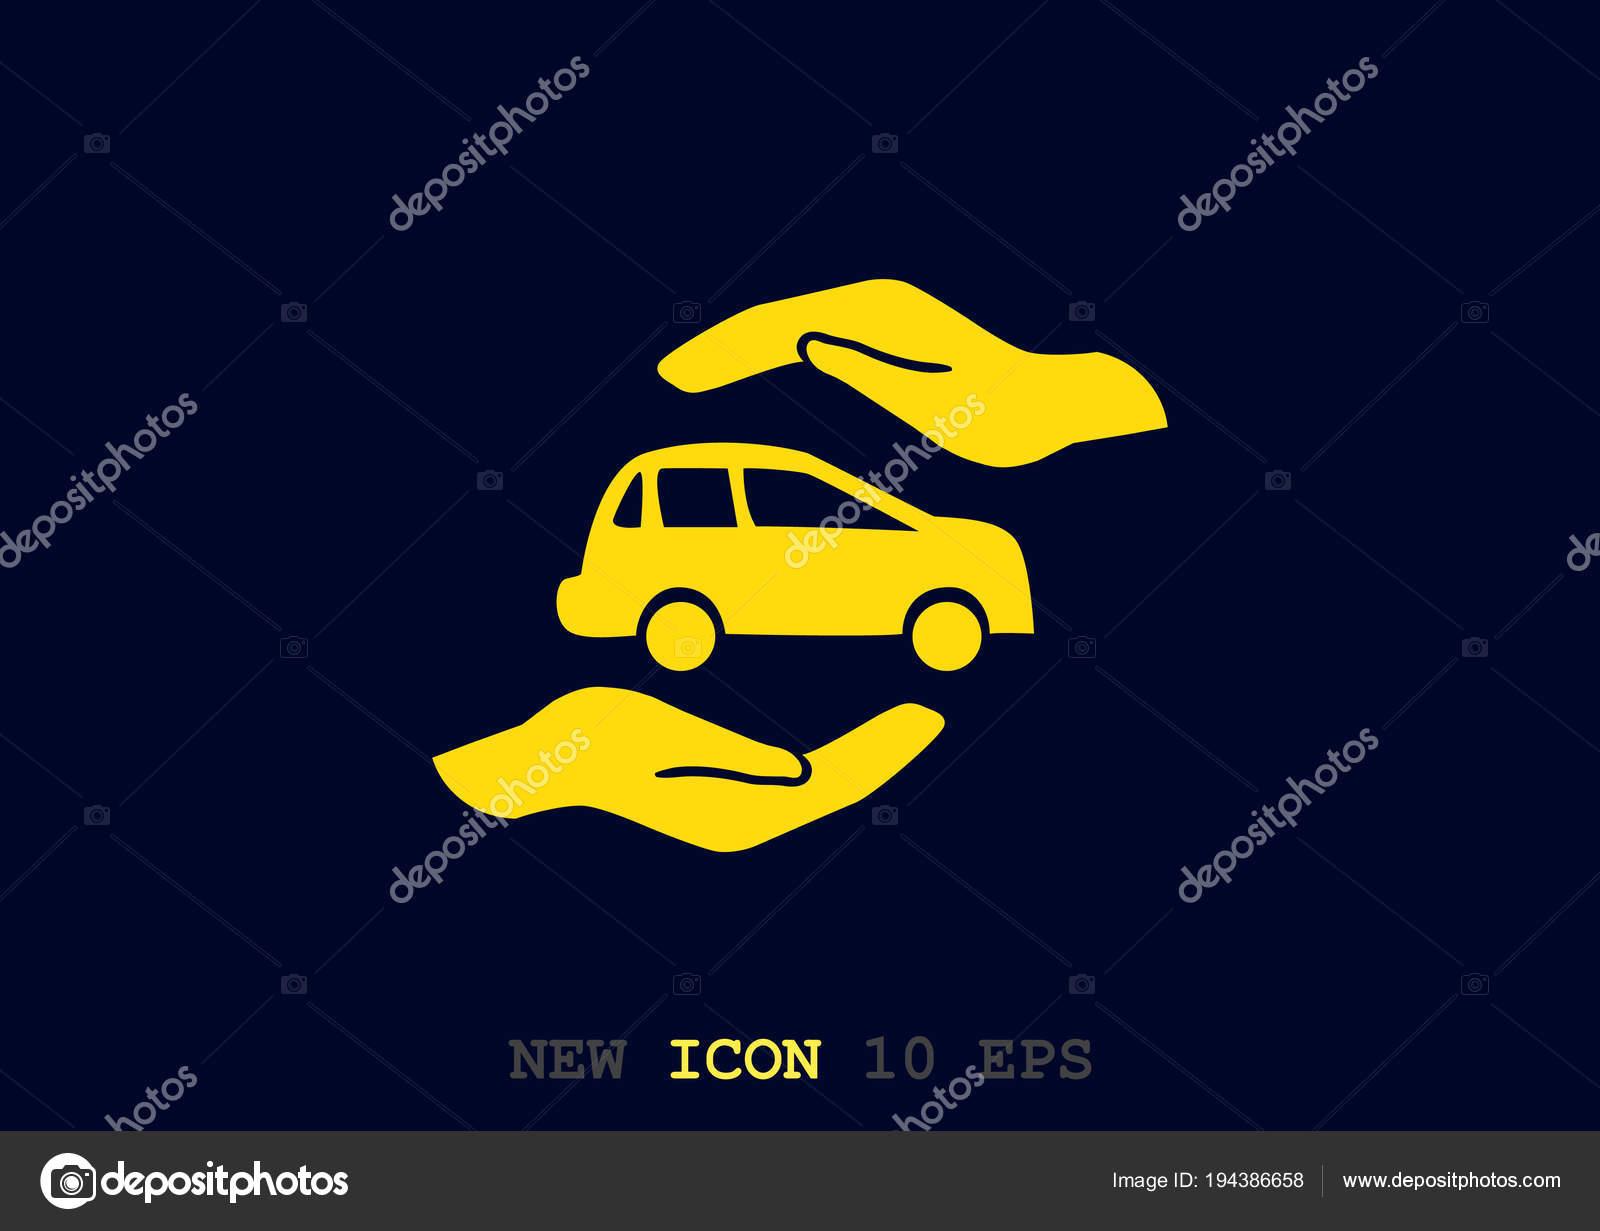 Сайт красивых номеров на авто